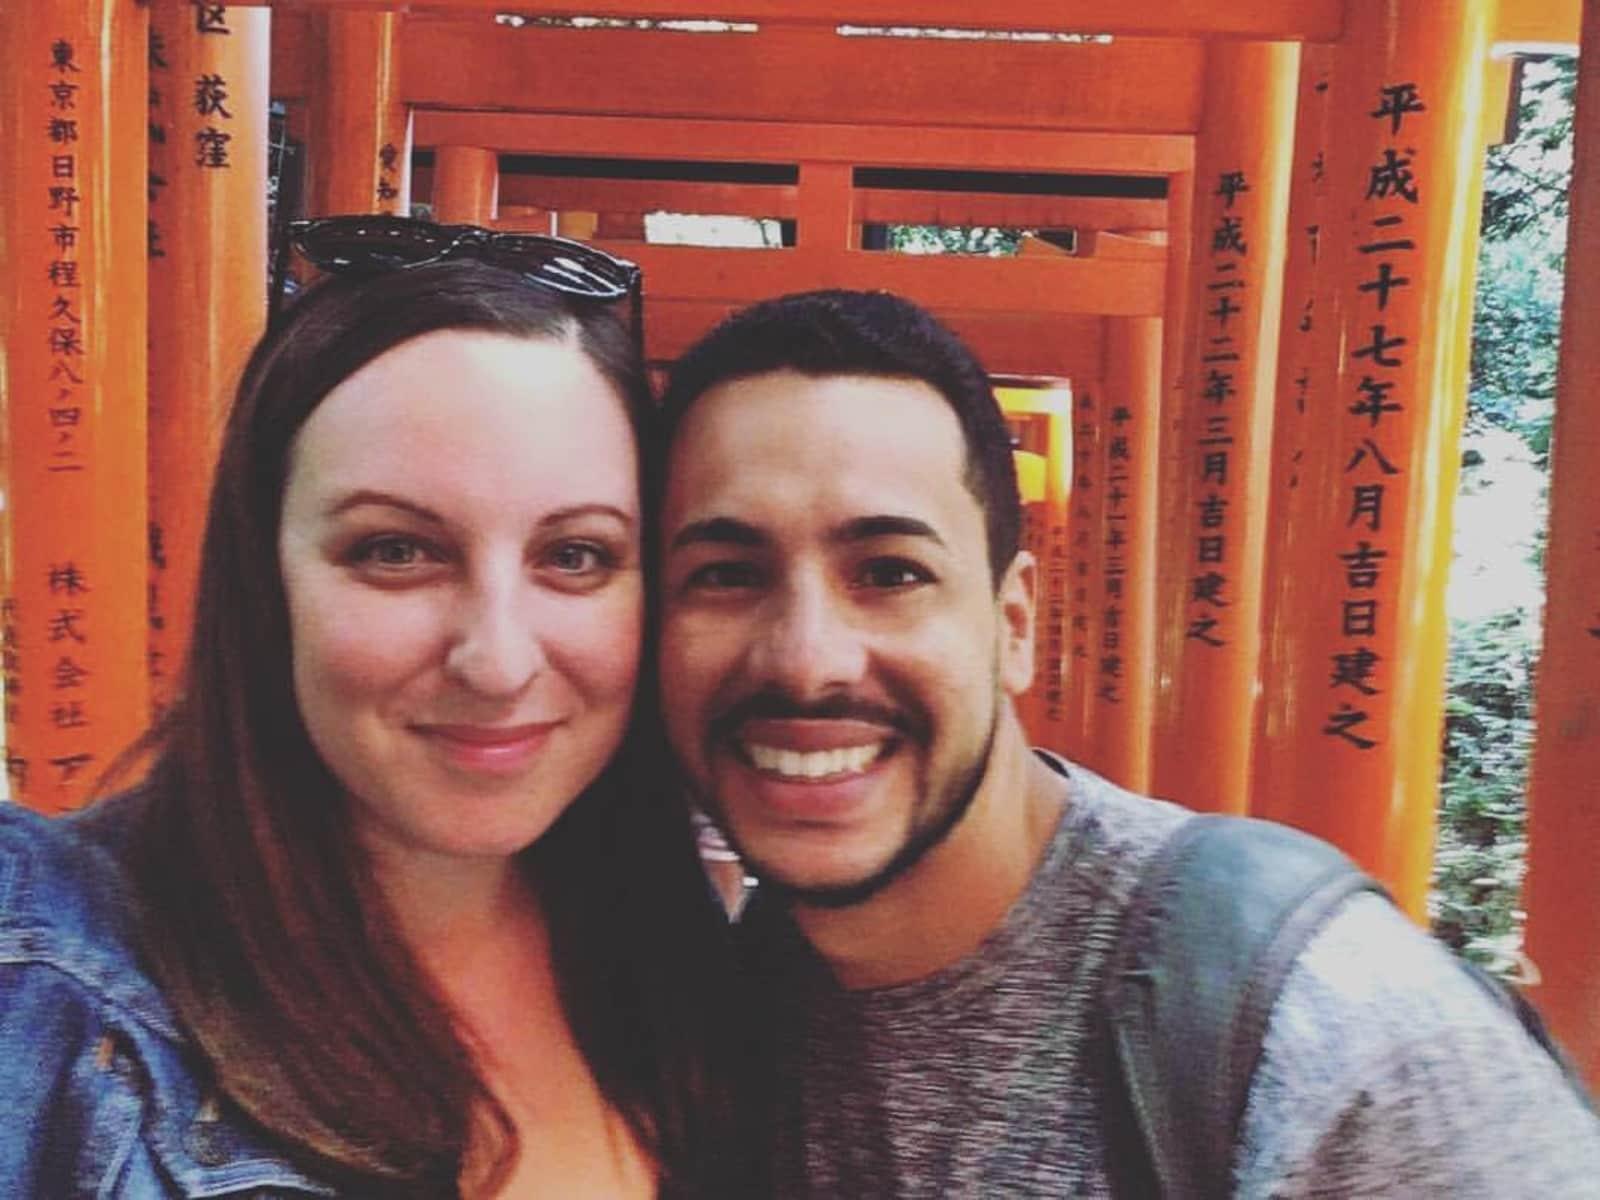 Charity & Amauri from Orlando, Florida, United States